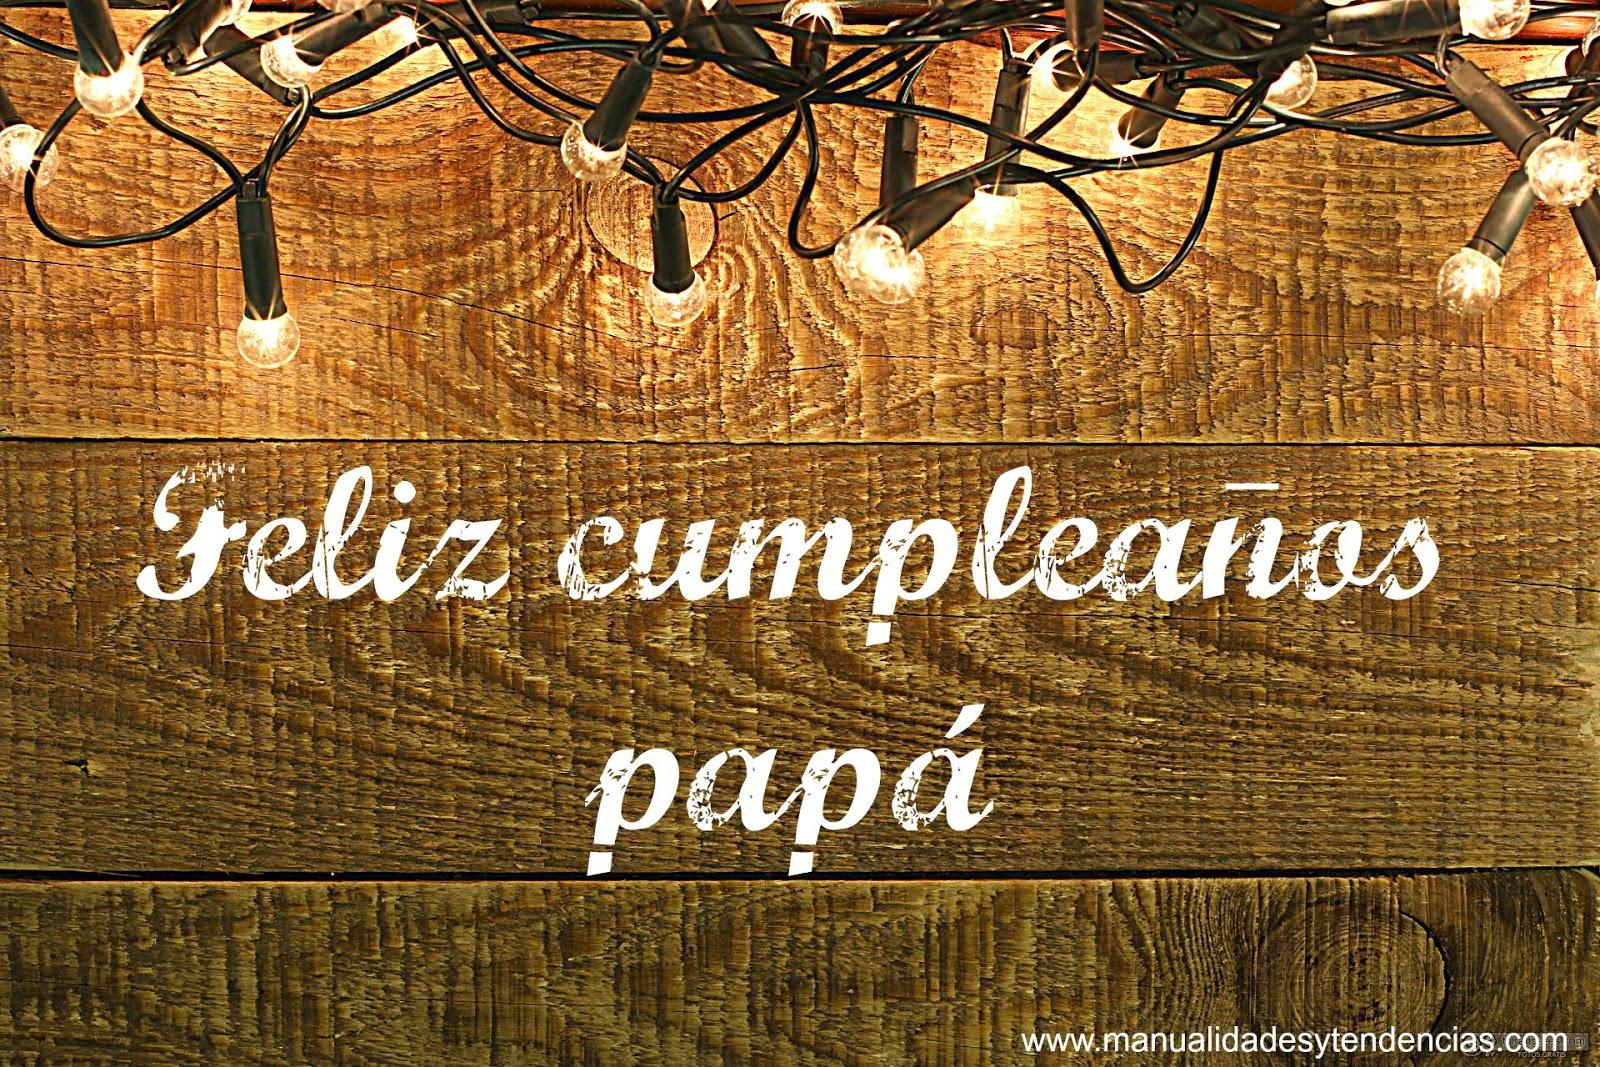 manualidades y tendencias freebies tarjeta de cumpleaños para papá